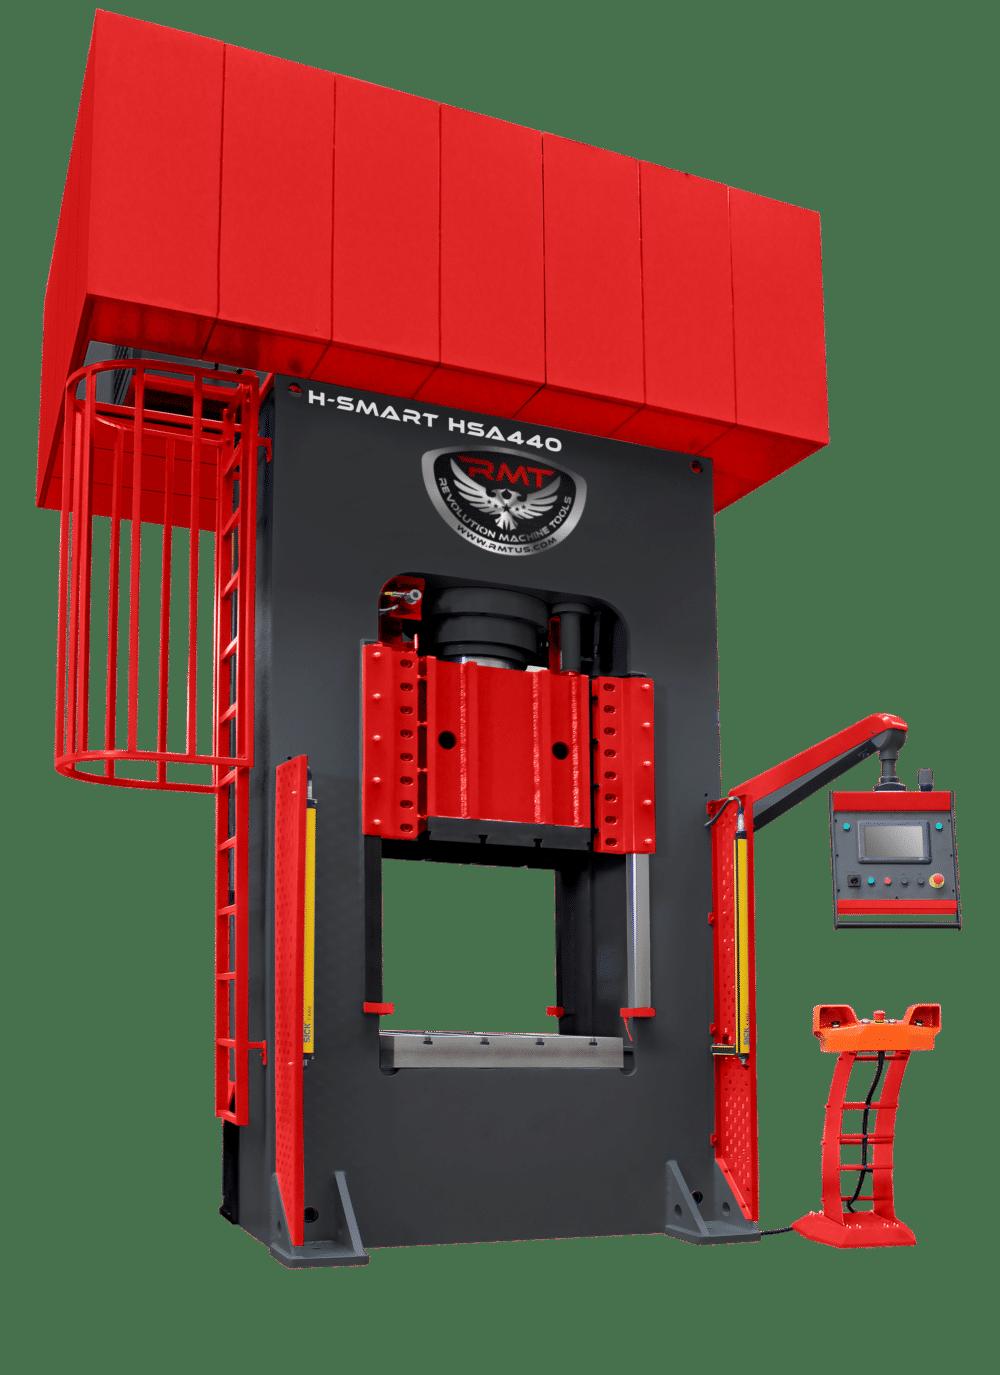 H-SMART HSA Hydraulic Press